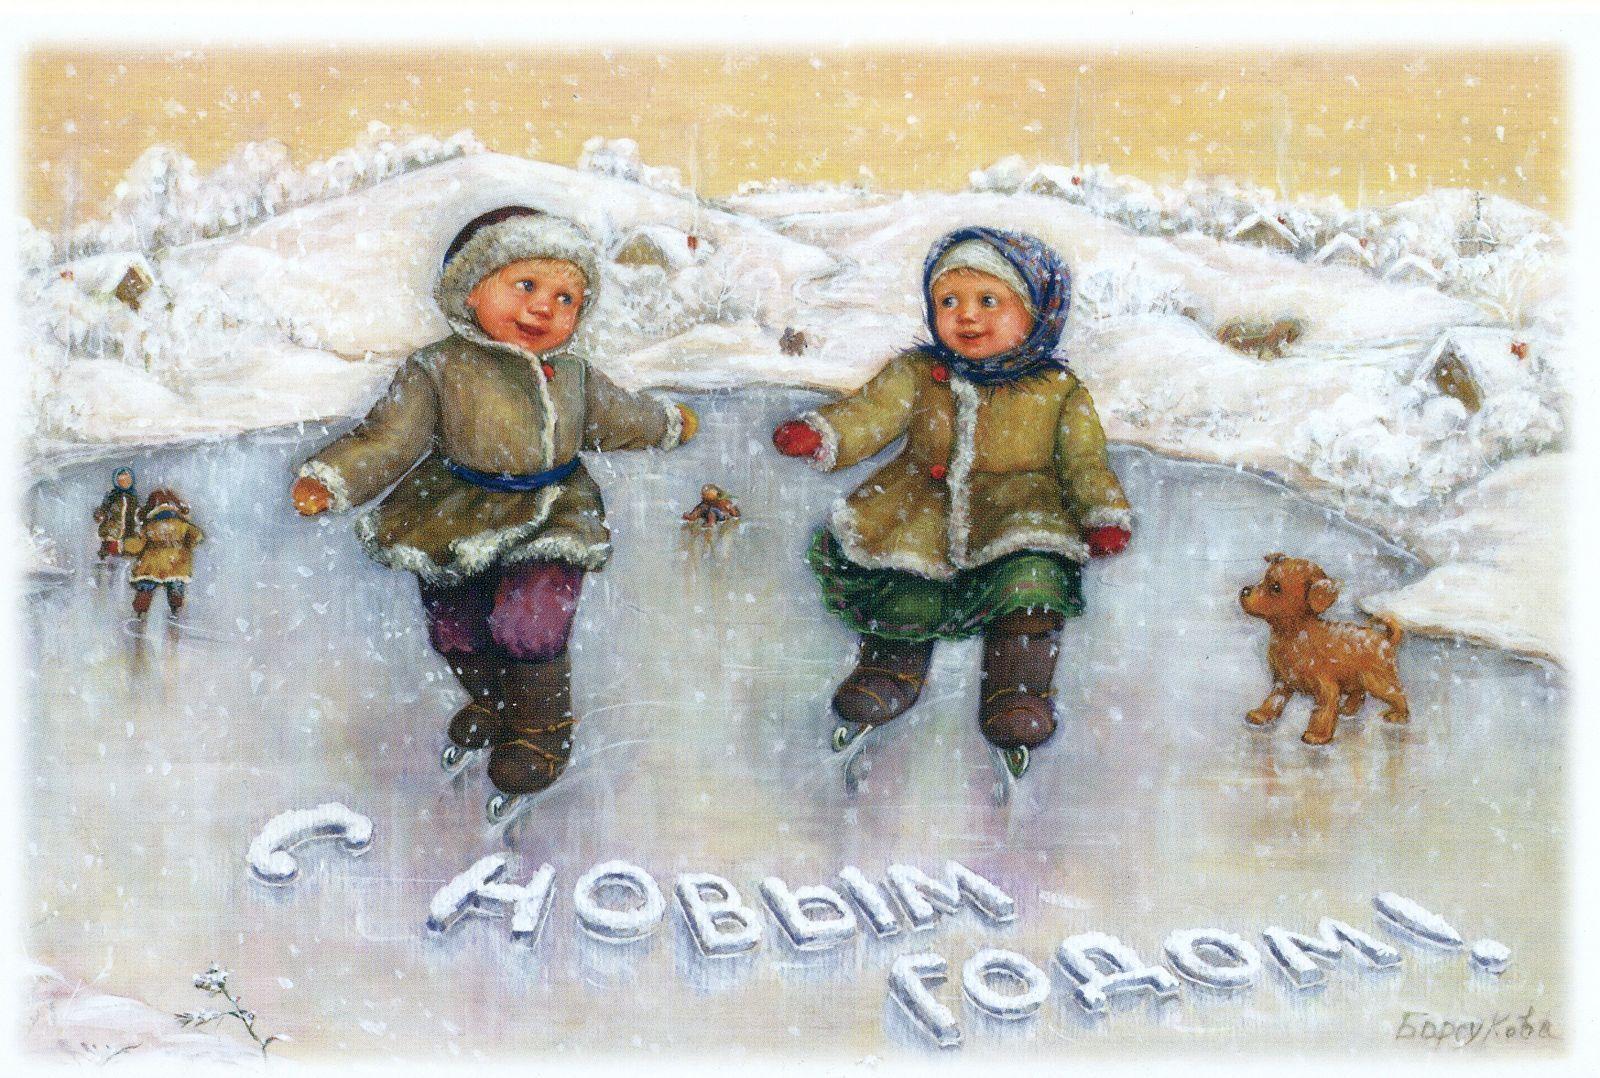 Гифки с праздничными открытками устранение неисправностей